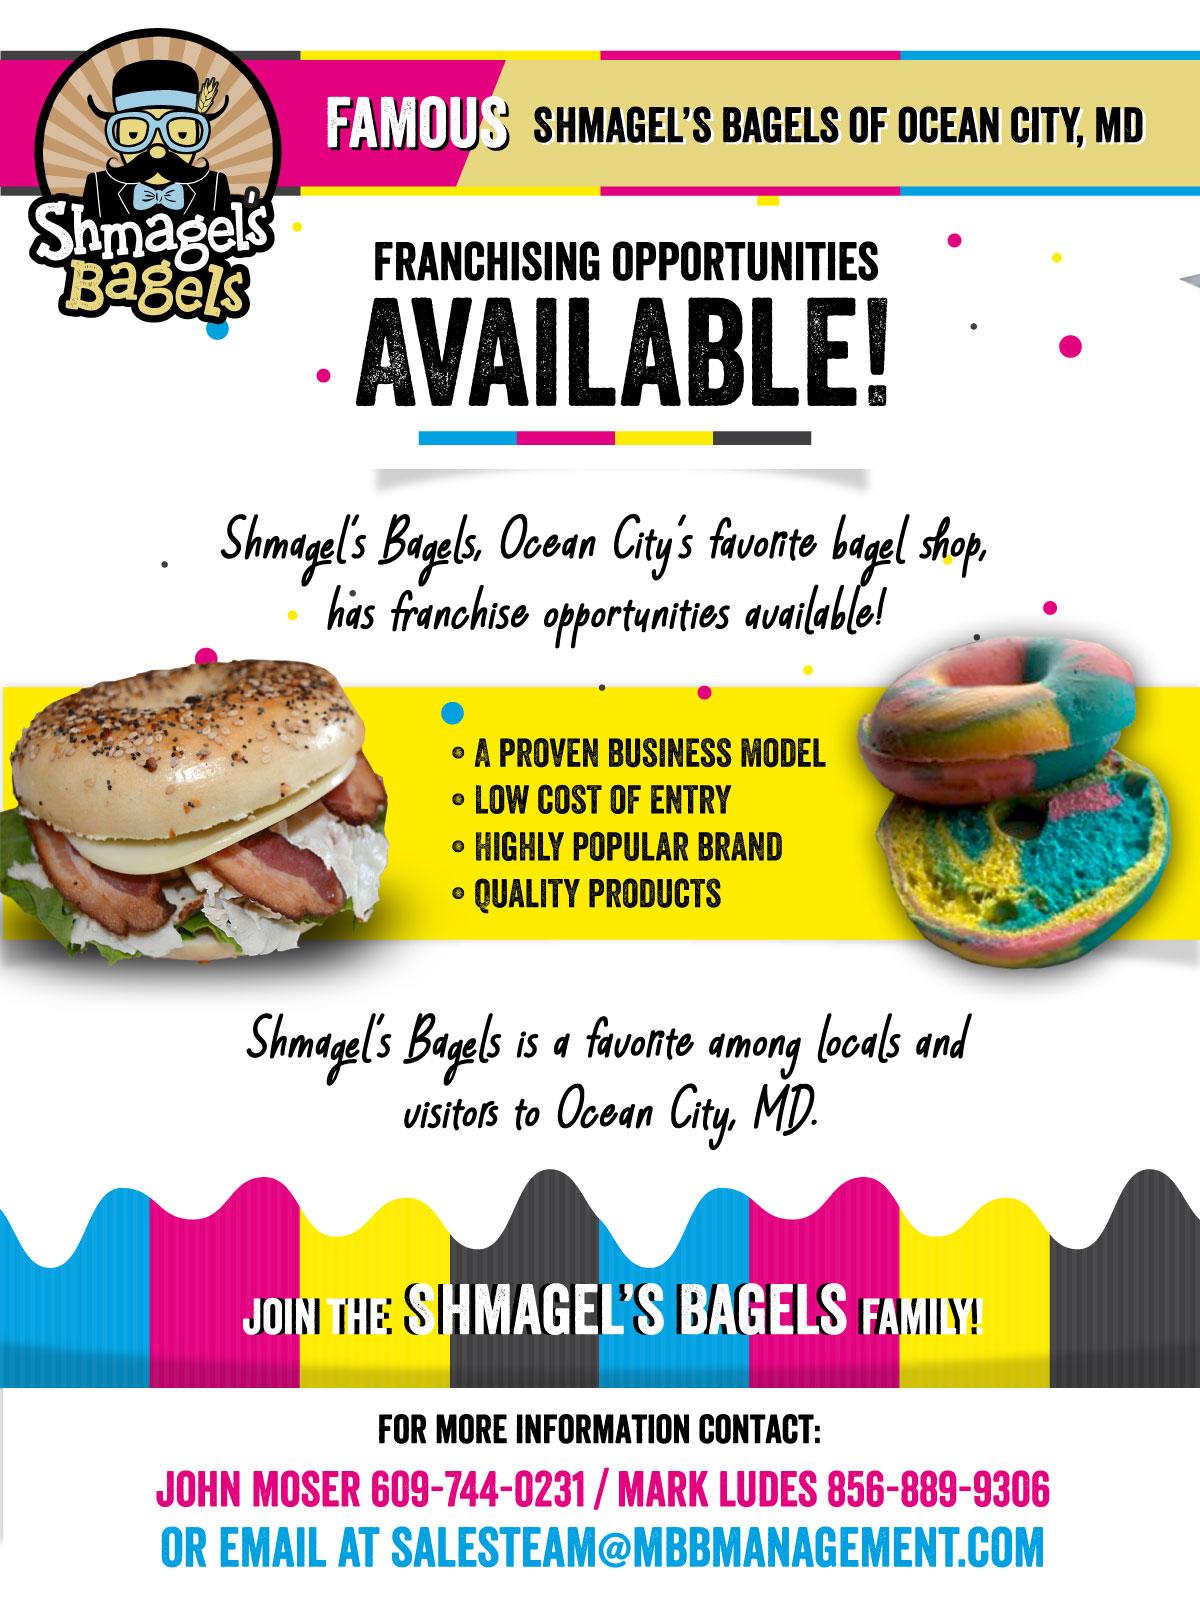 shmagels-bagels-franchising